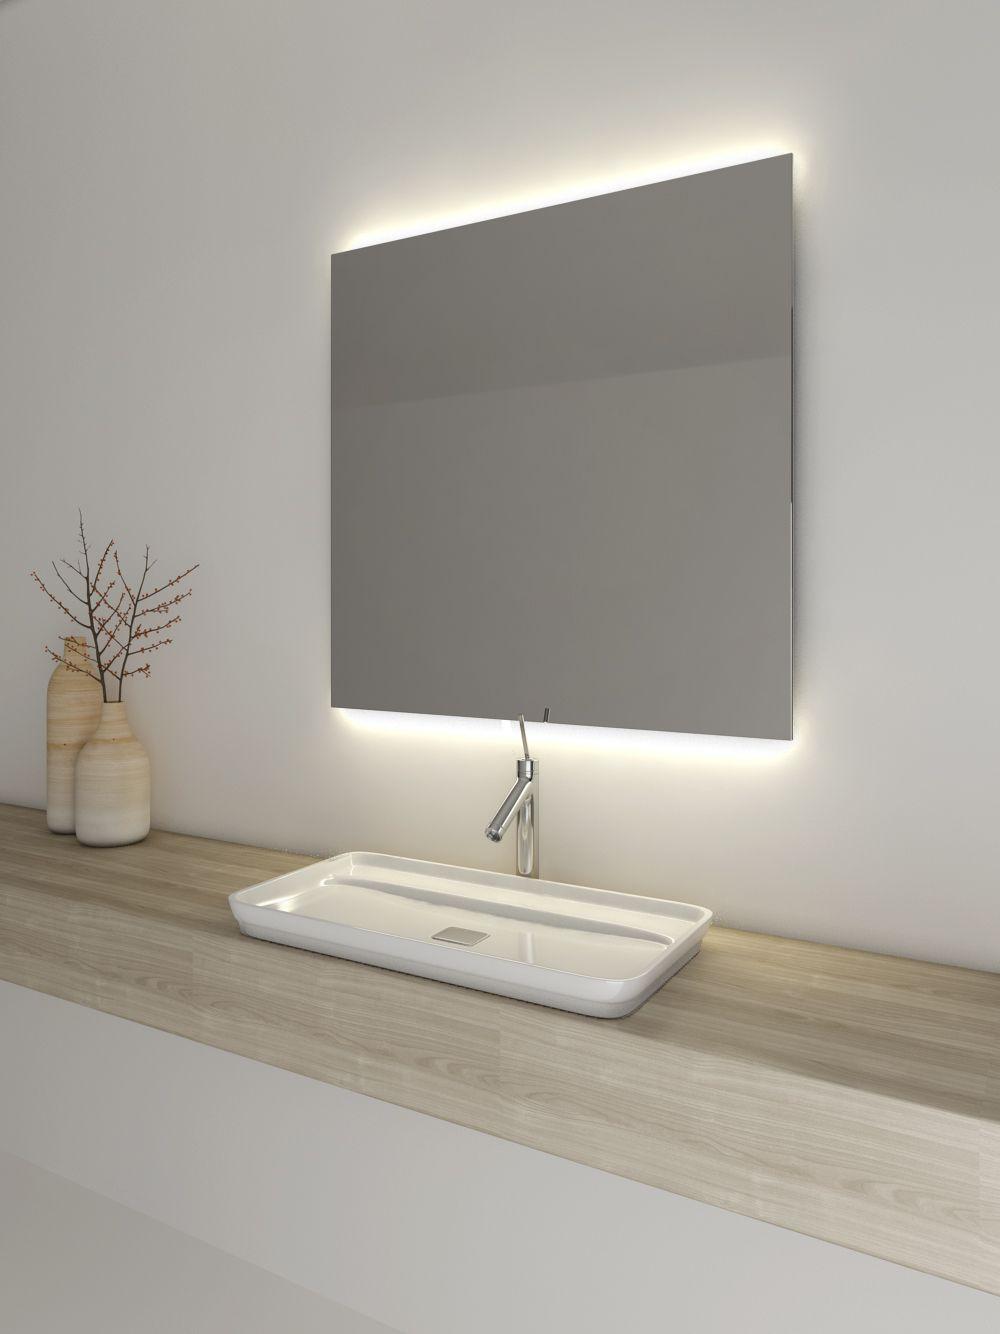 Luces Para Espejos De Bano.Espejo De Bano Cuadrado Con Luz Led Sin Marco Bathroom Bathroom